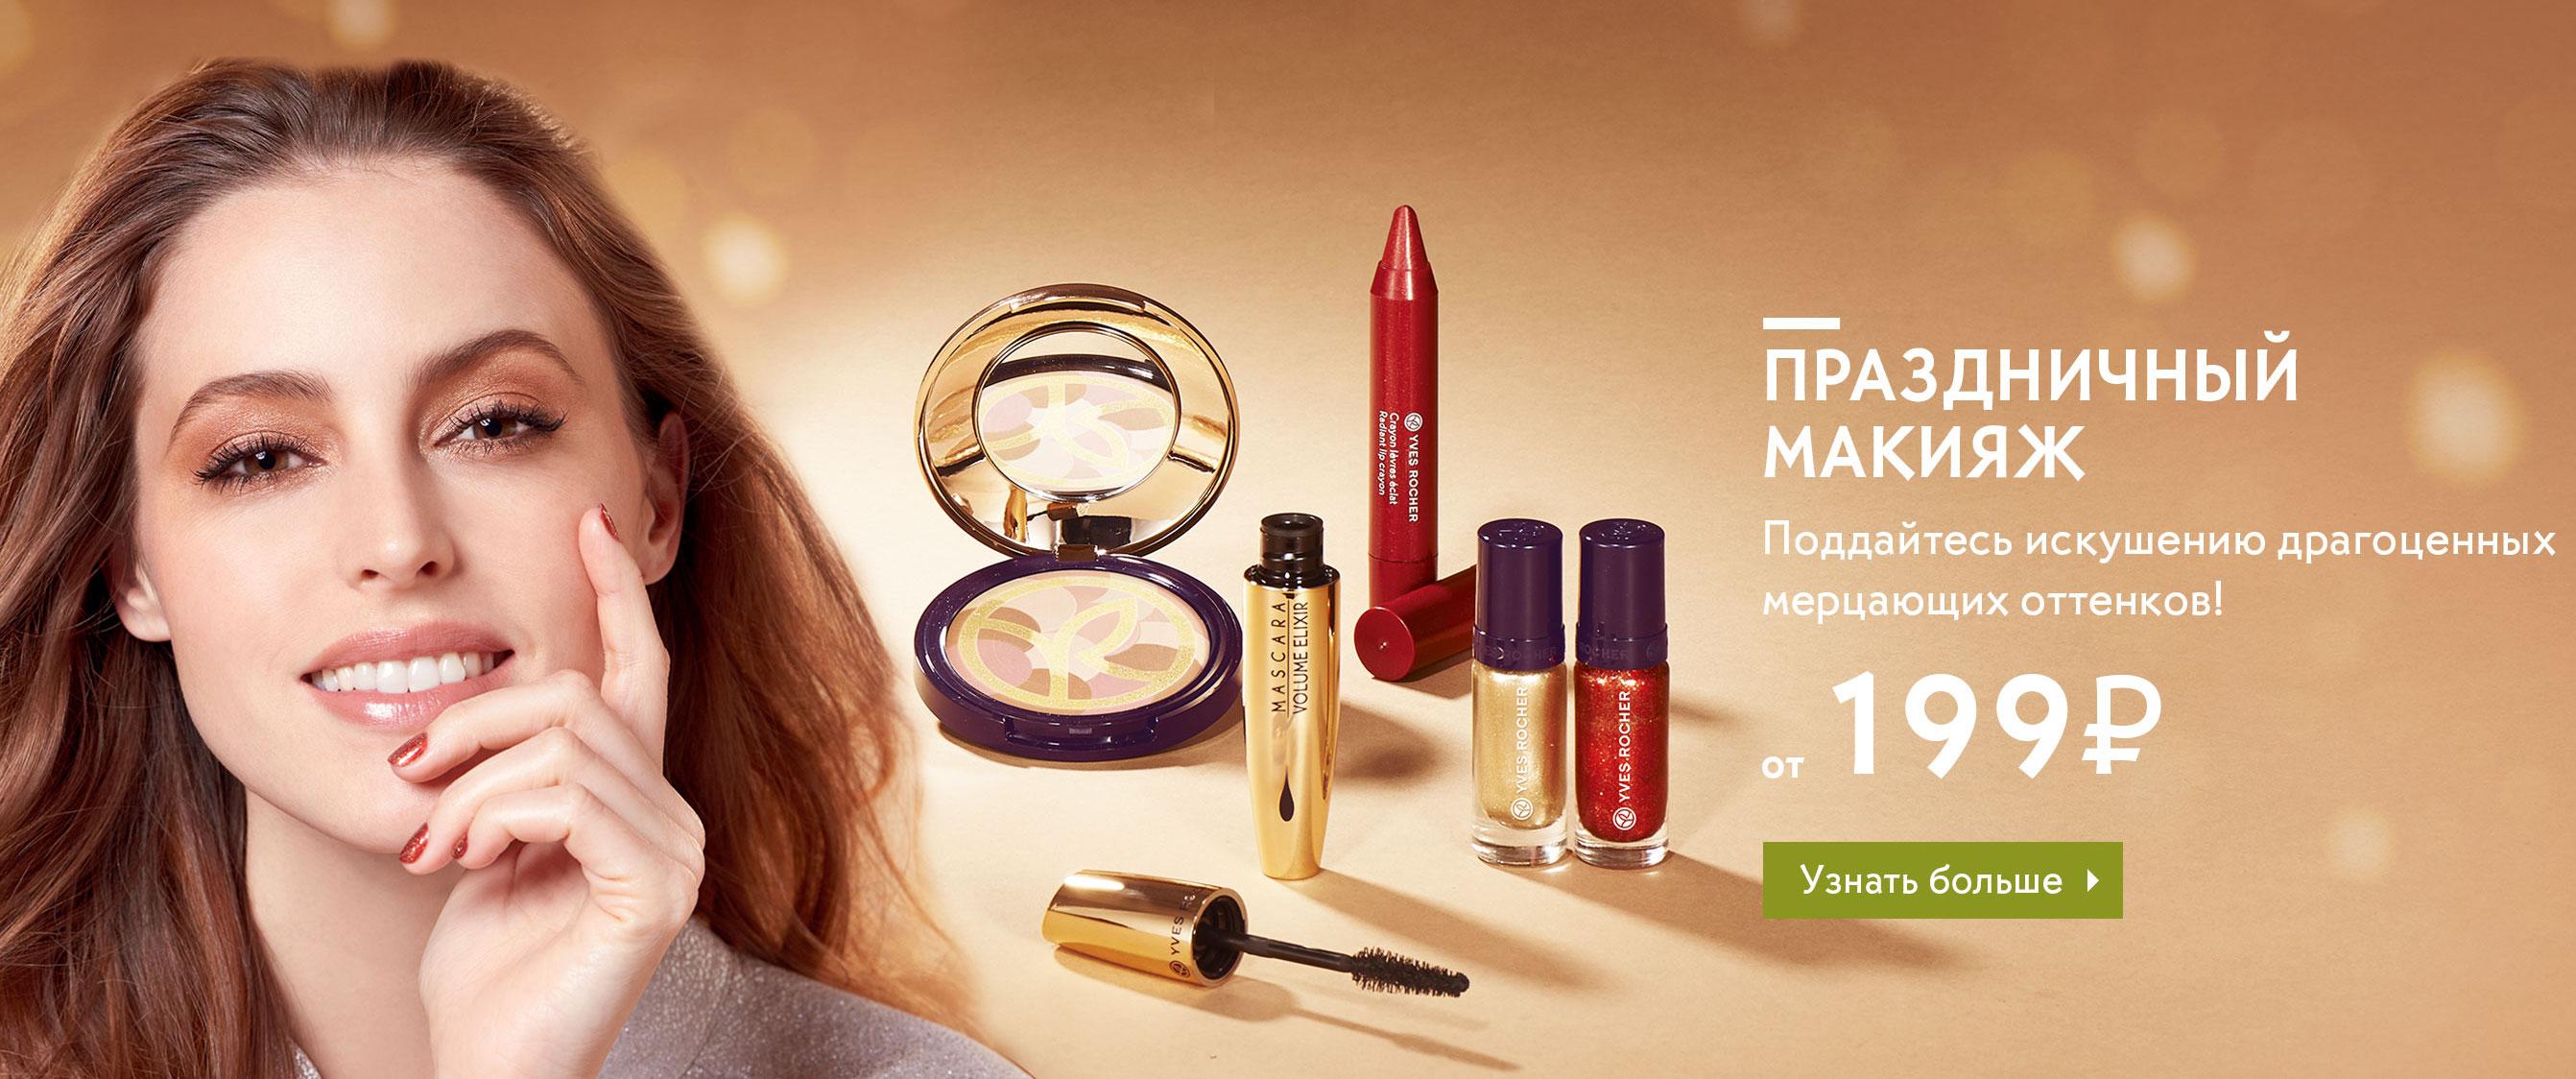 Праздничный макияж от Yves Rocher!